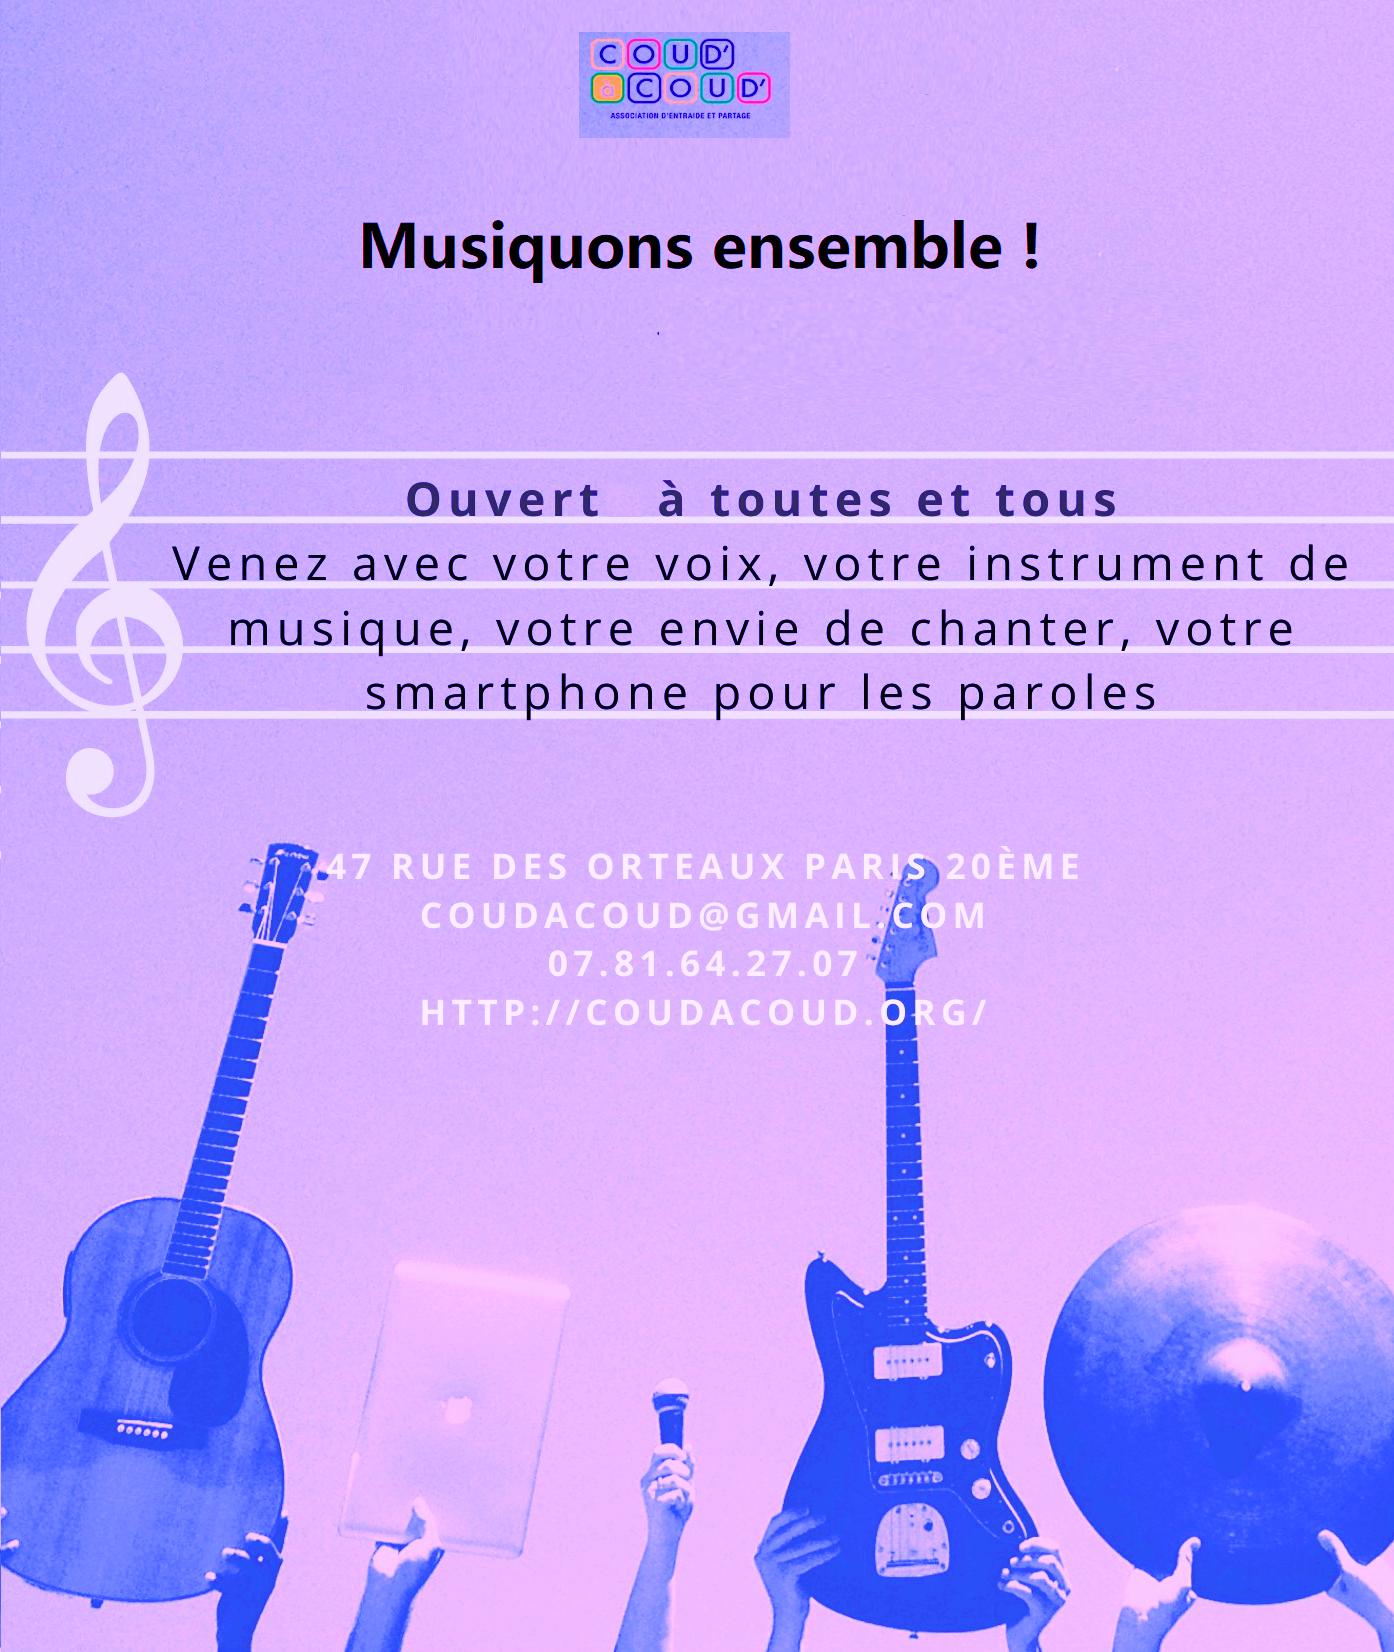 Annulé/musiquons ensemble ! @ L'Ortie Roule